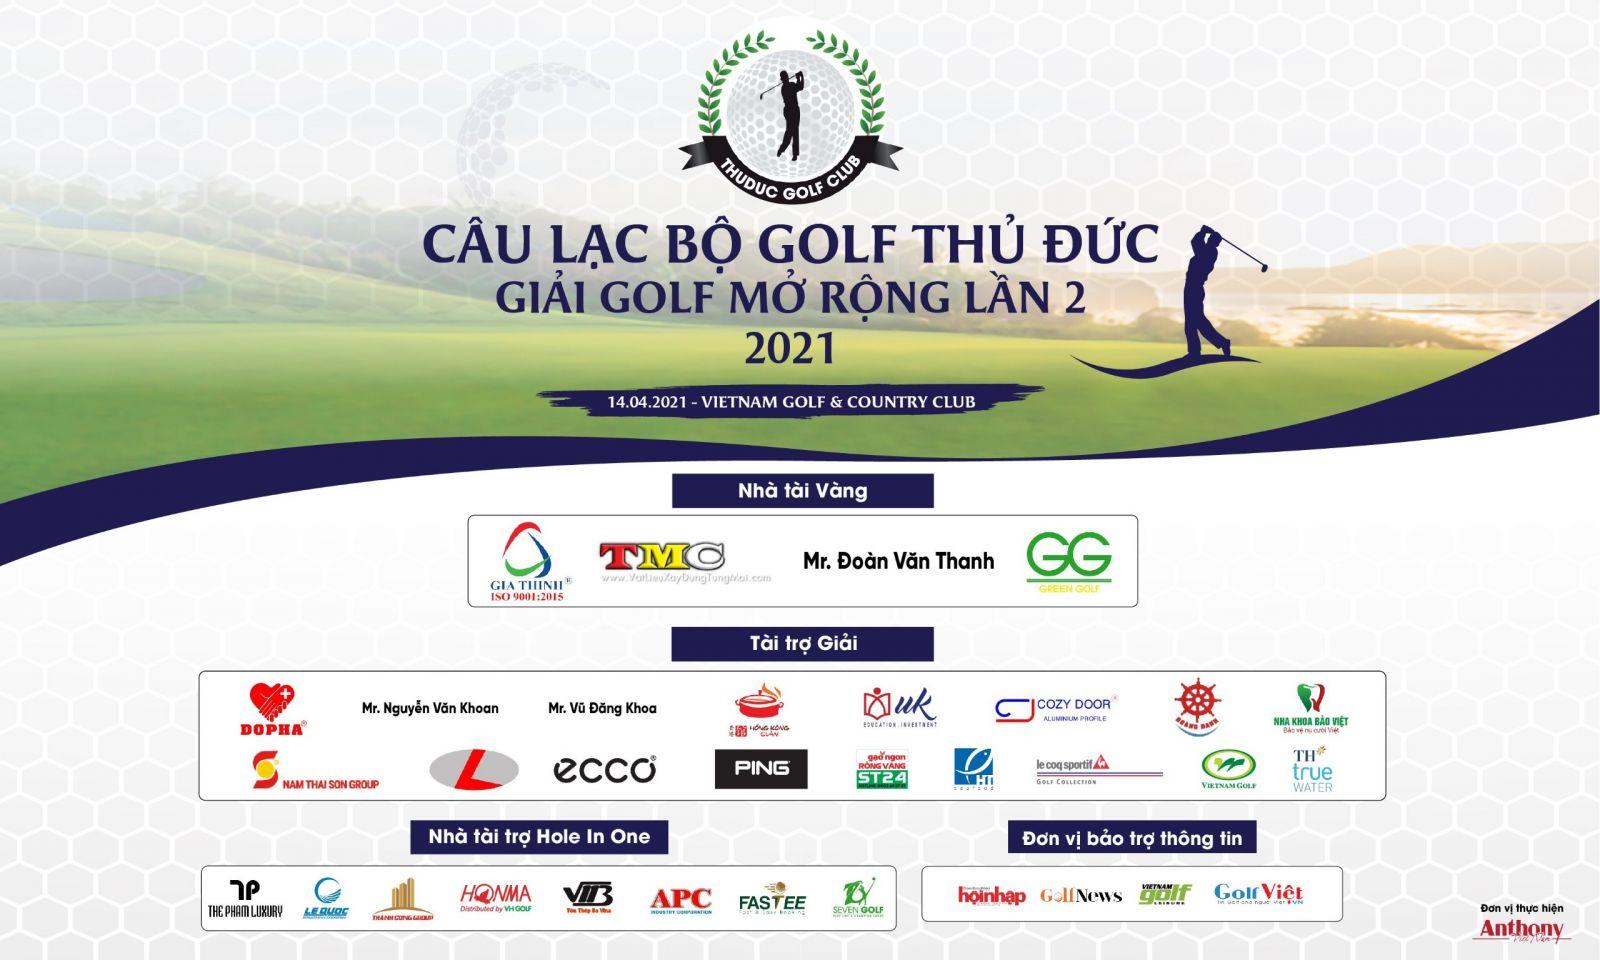 Giải Golf mở rộng lần 2 do CLB Golf Thủ Đức tổ chức nhân dịp sinh nhật lần thứ 2 CLB và đồng thời chào mừng thành lập thành phố Thủ Đức